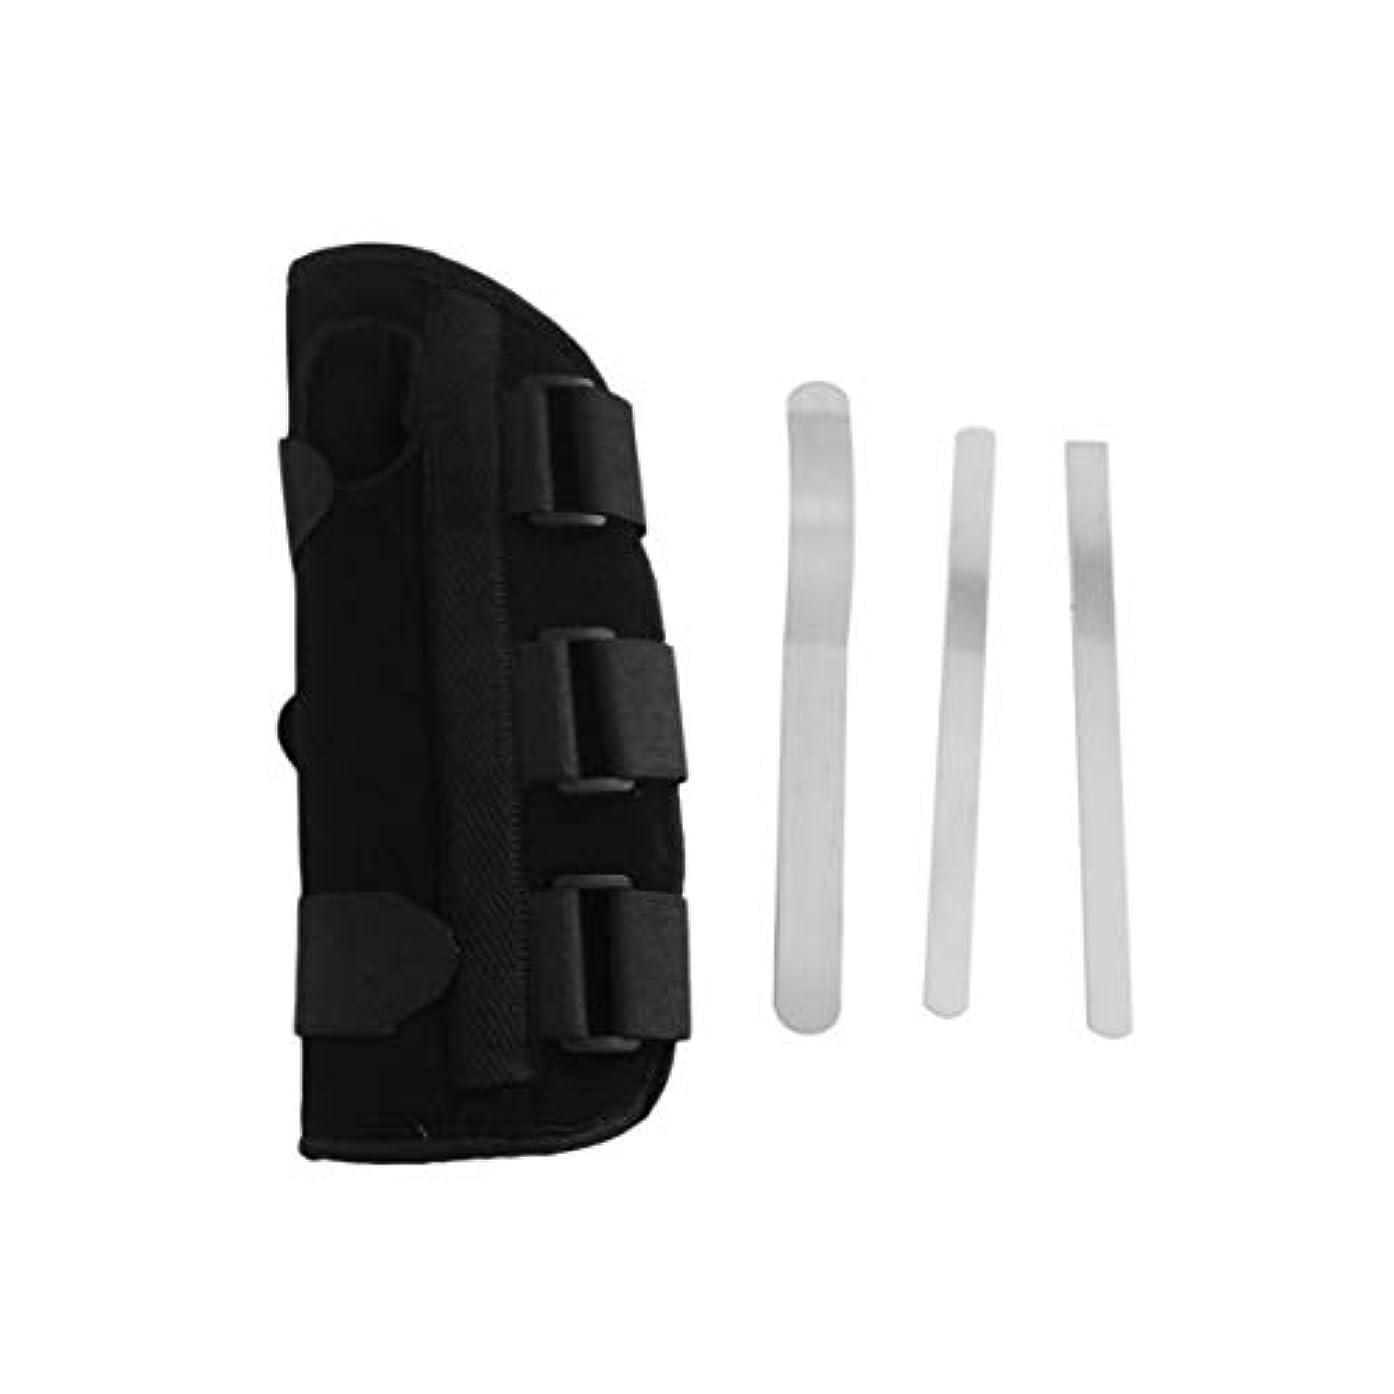 仕様素朴な順応性のある手首副木ブレース保護サポートストラップカルペルトンネルCTS RSI痛み軽減リムーバブル副木快適な軽量ストラップ - ブラックM